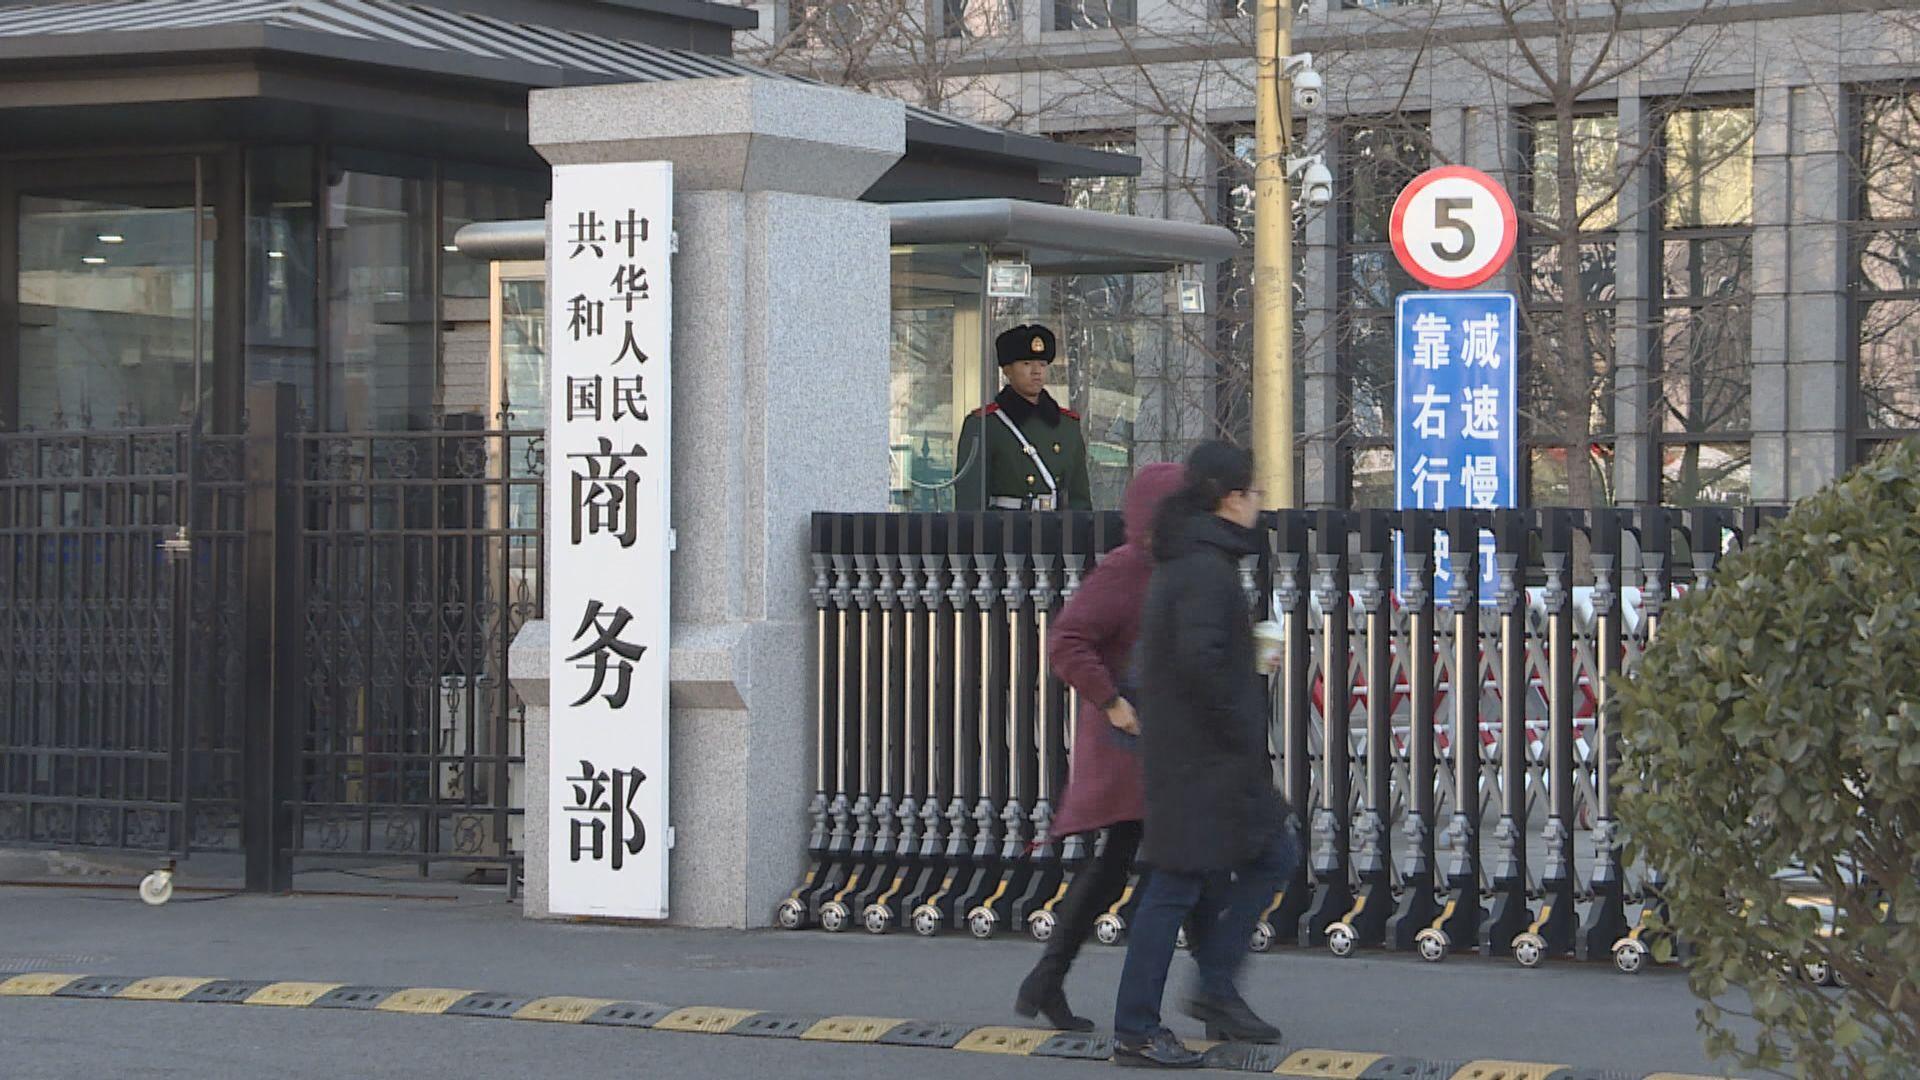 商務部頒布新規 可發禁令拒承認及遵守外國法律與措施